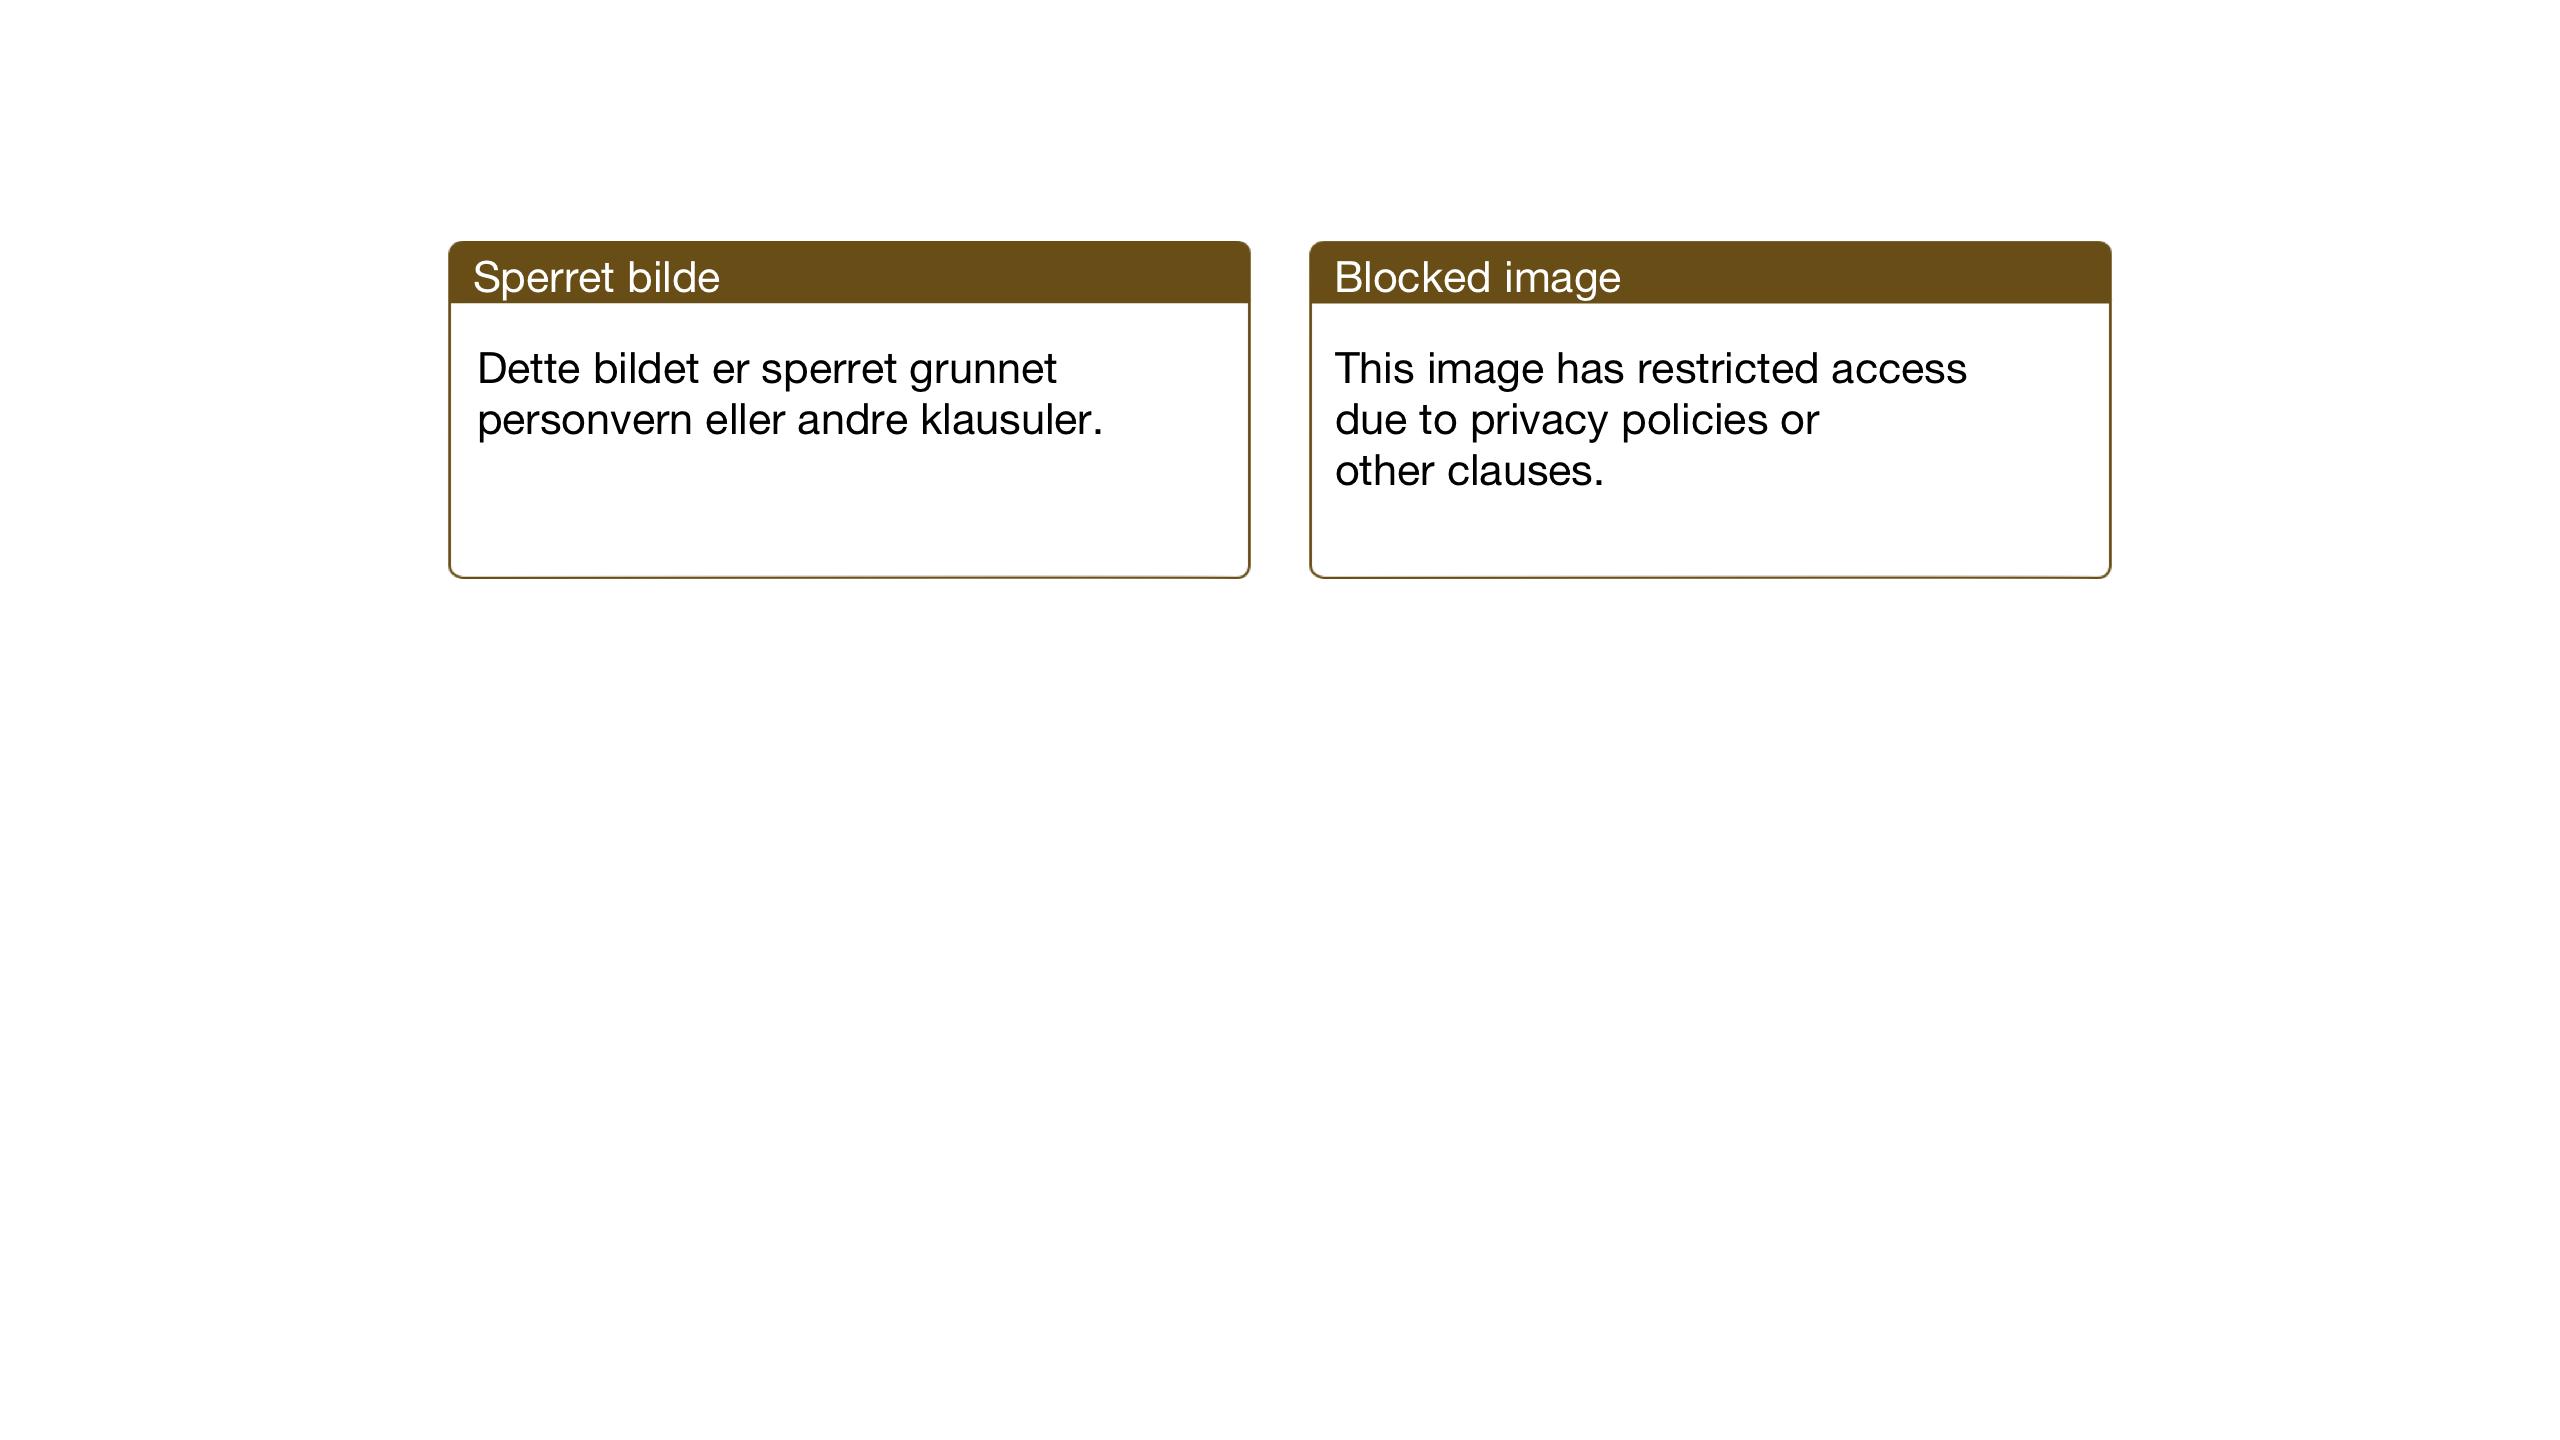 SAT, Ministerialprotokoller, klokkerbøker og fødselsregistre - Nord-Trøndelag, 714/L0136: Klokkerbok nr. 714C05, 1918-1957, s. 81